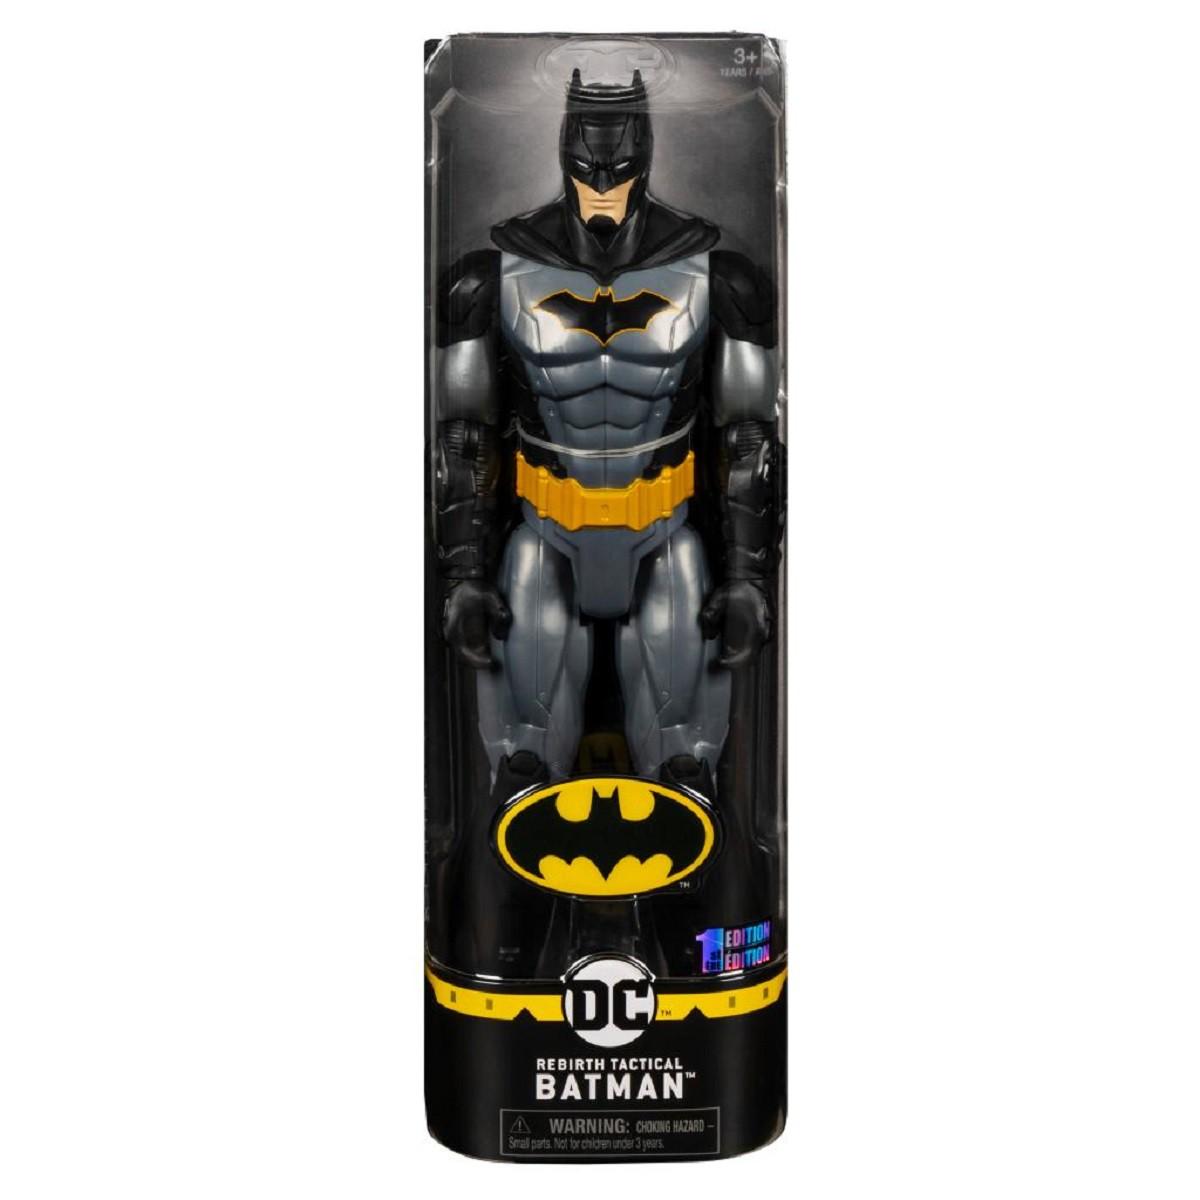 DC Comics BATMAN Boneco De Ação BATMAN TÁTICO Articulado